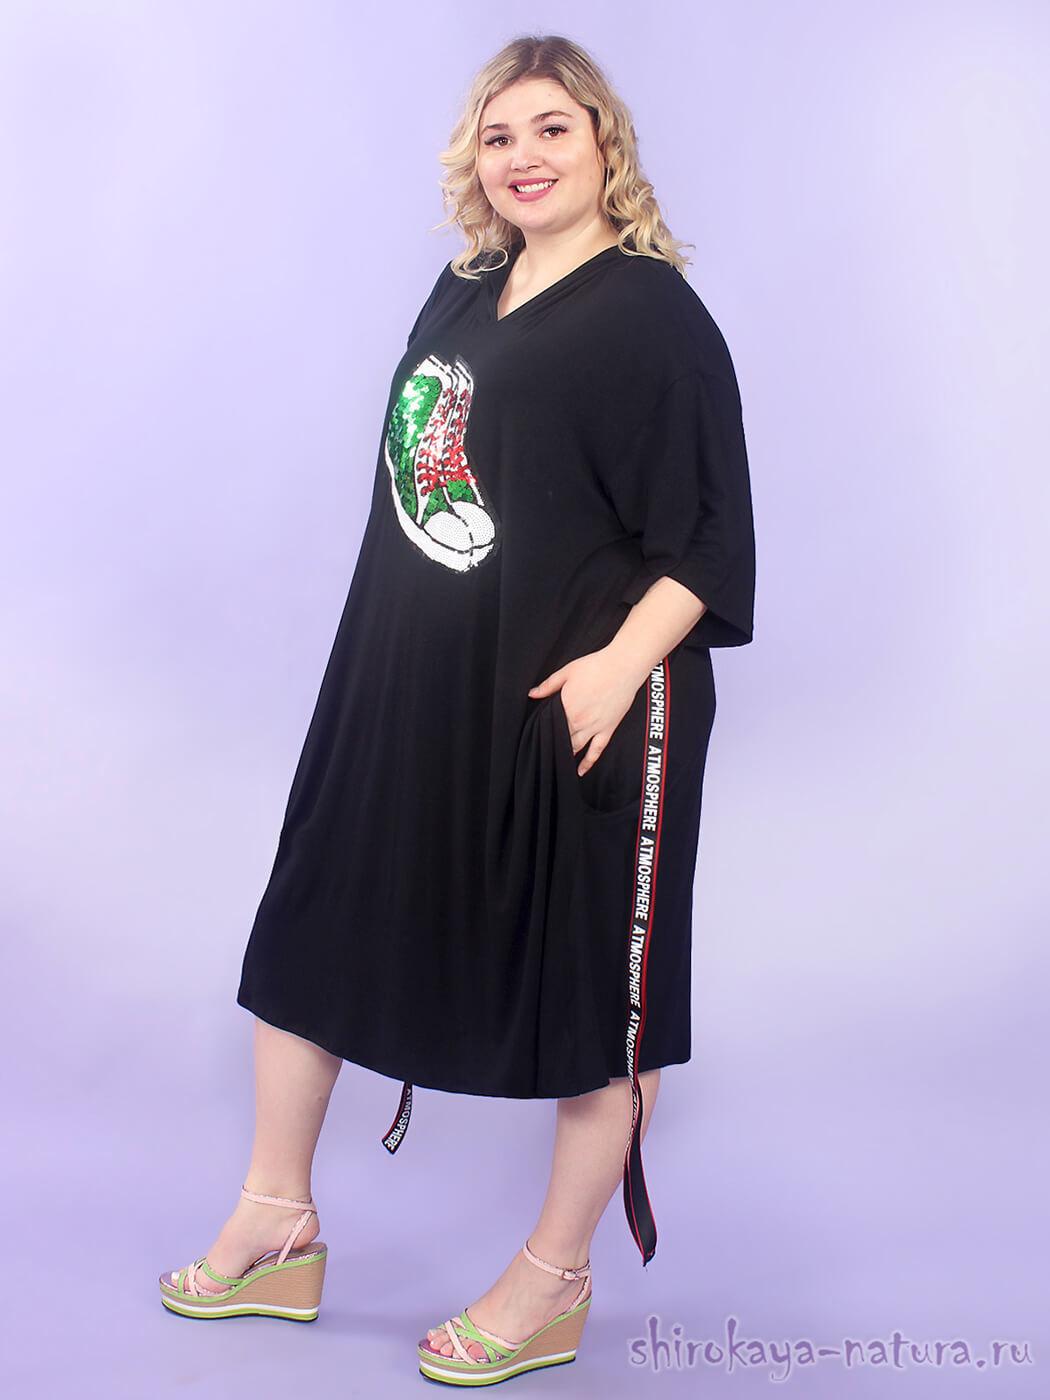 Спортивное платье Модные кроссовки